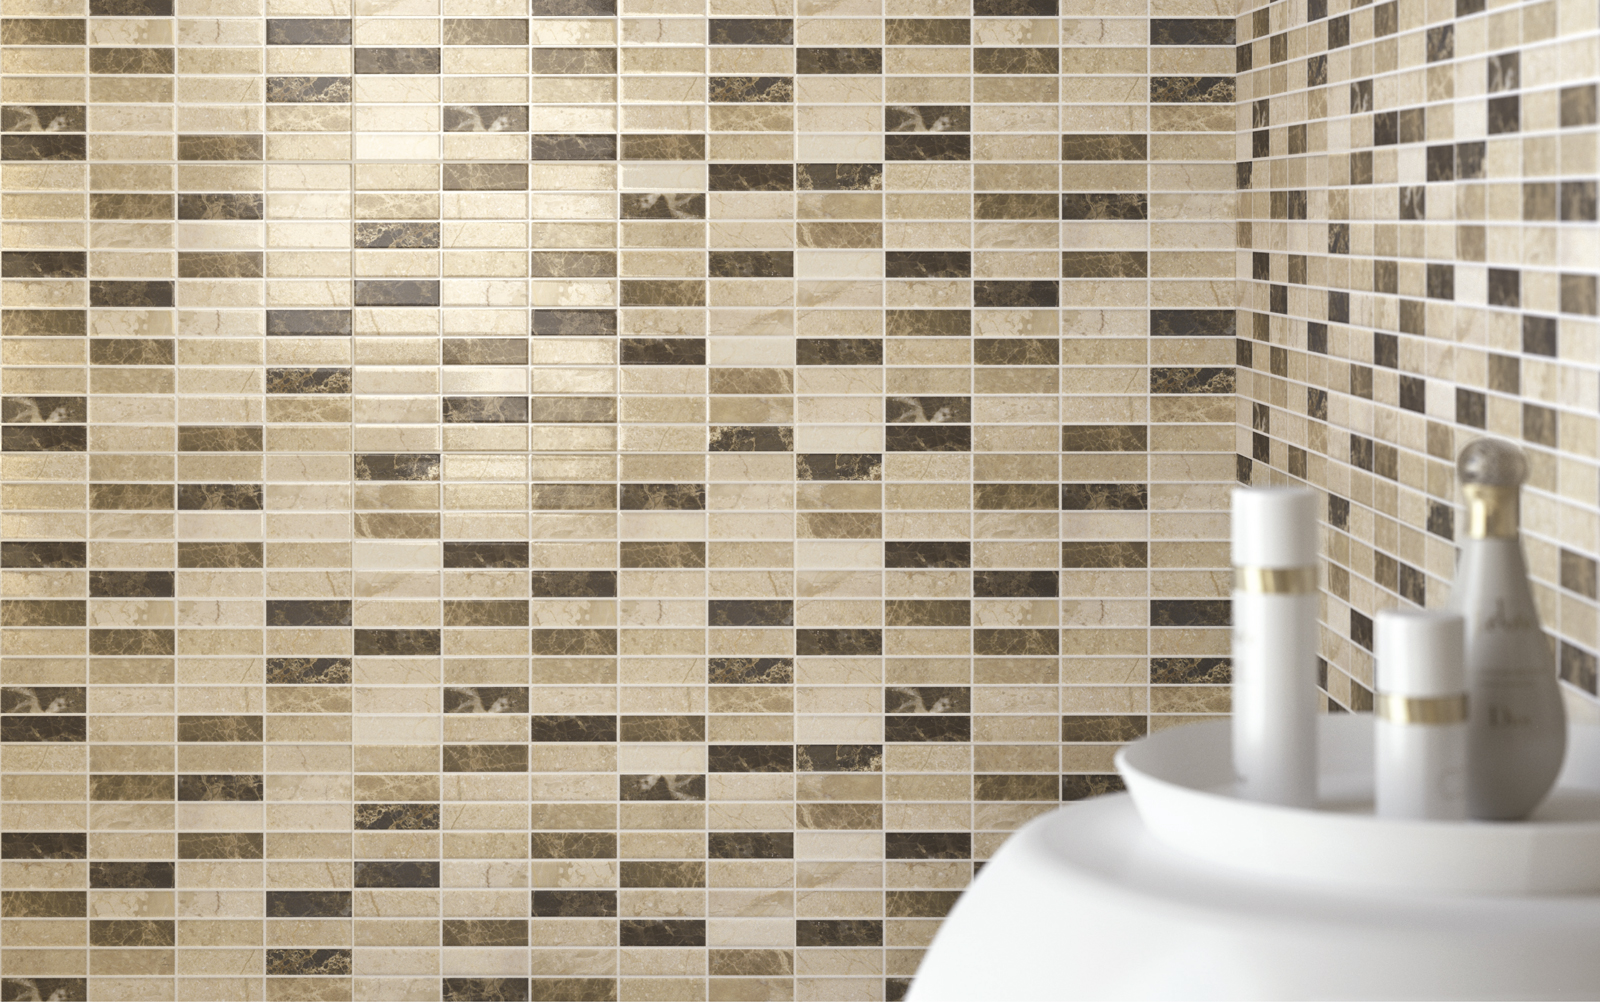 Collezione game mosaici di ceramica per bagno e cucina for Piastrelle bagno mosaico grigio